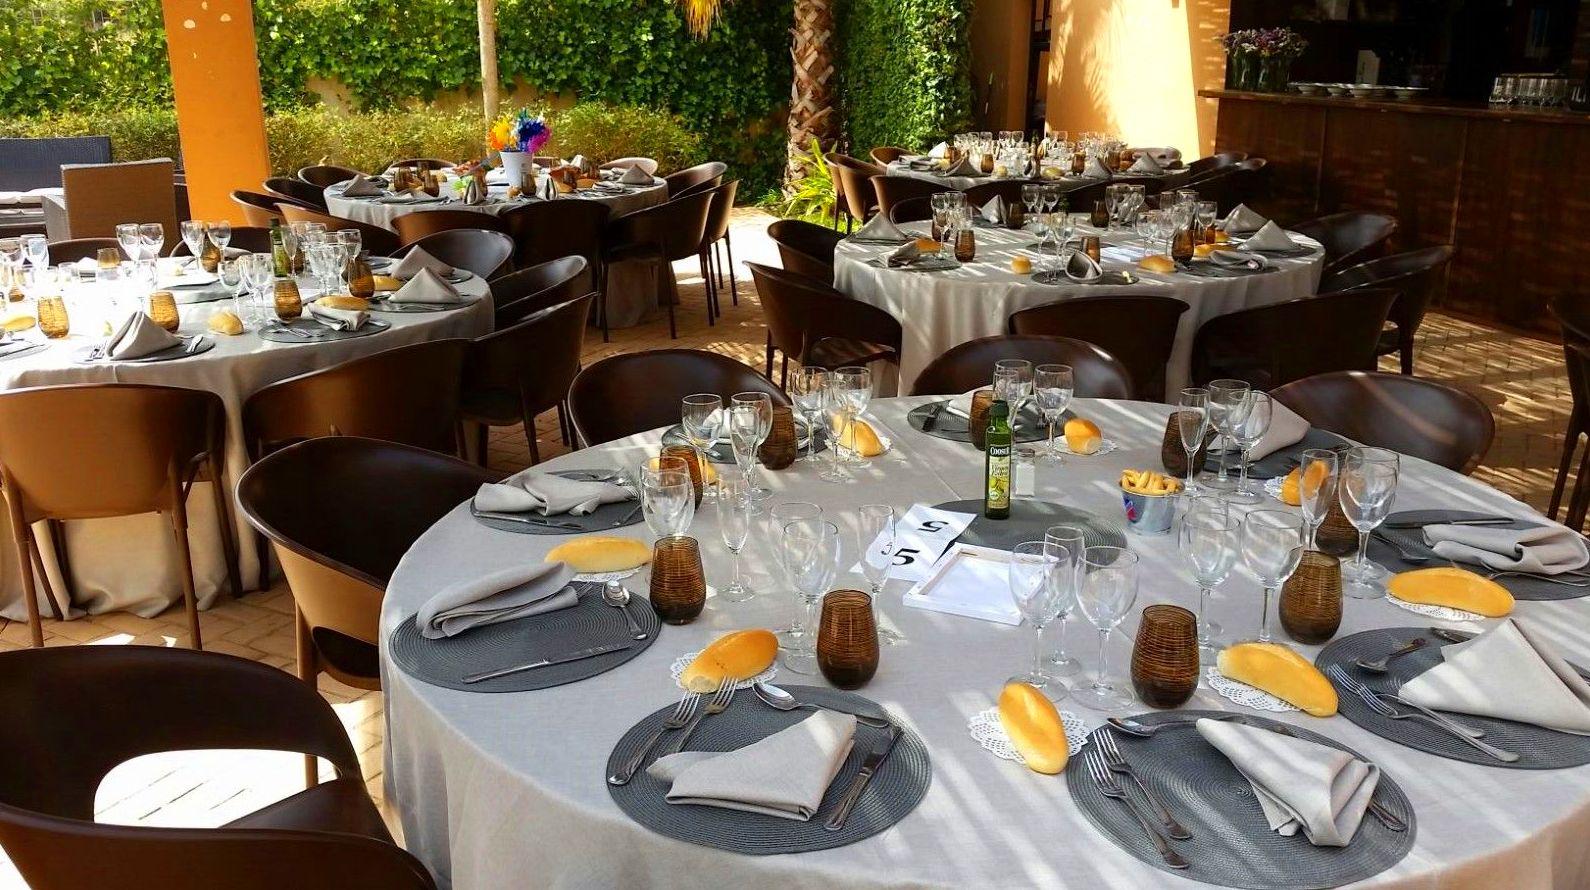 Foto 56 de Alquiler de sillas, mesas y menaje en  | Mantelería & Menaje